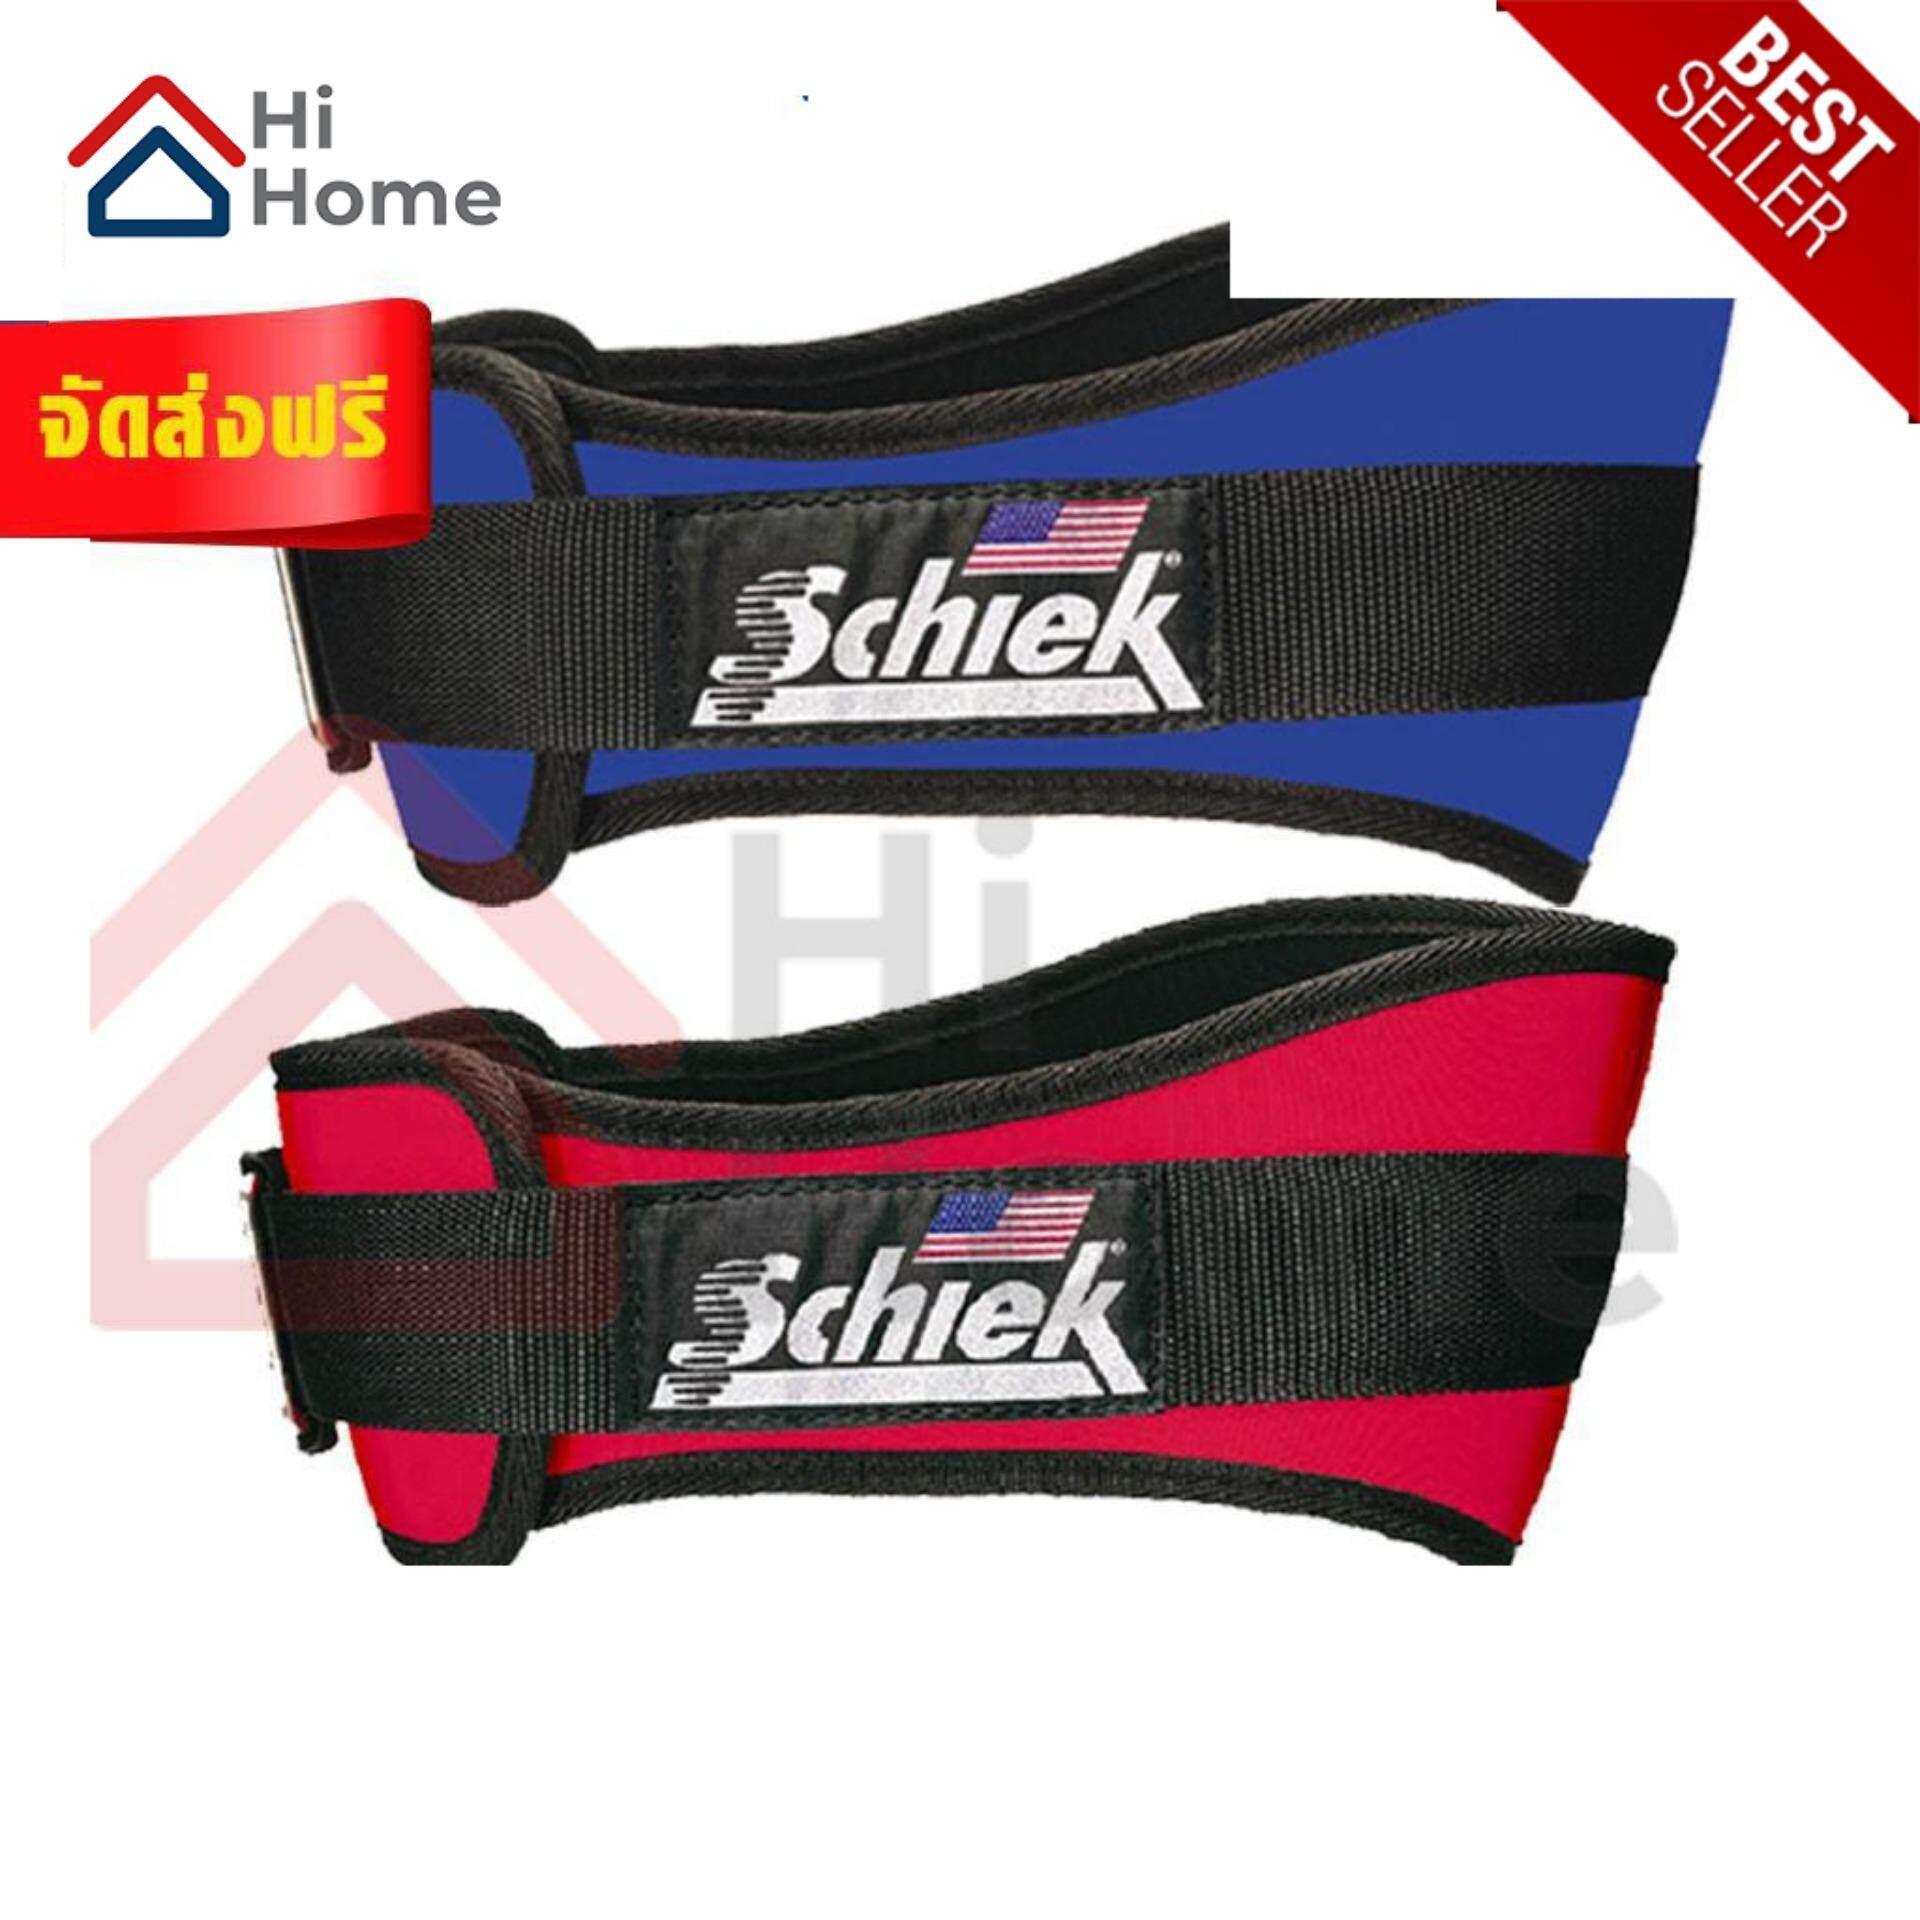 Schiek 2006 Lifting Belt เข็มขัดนักกีฬา เข็มขัดยกน้ําหนัก เข็มขัดออกกำลังกาย เข็มขัดยกเวท เข็มขัดรัดเอวฟิตเนส เข็มขัดฟิตเนส เข็มขัดฟิตเนสlazada เข็มขัดรัดเอวเล่นกล้าม รับน้ำหนัก สามารถช่วยให้คุณเล่นท่า Squat ได้ถึง 500 ปอนด์ ออกแบบเพื่อให้เข้ากับรูปสรีระ.